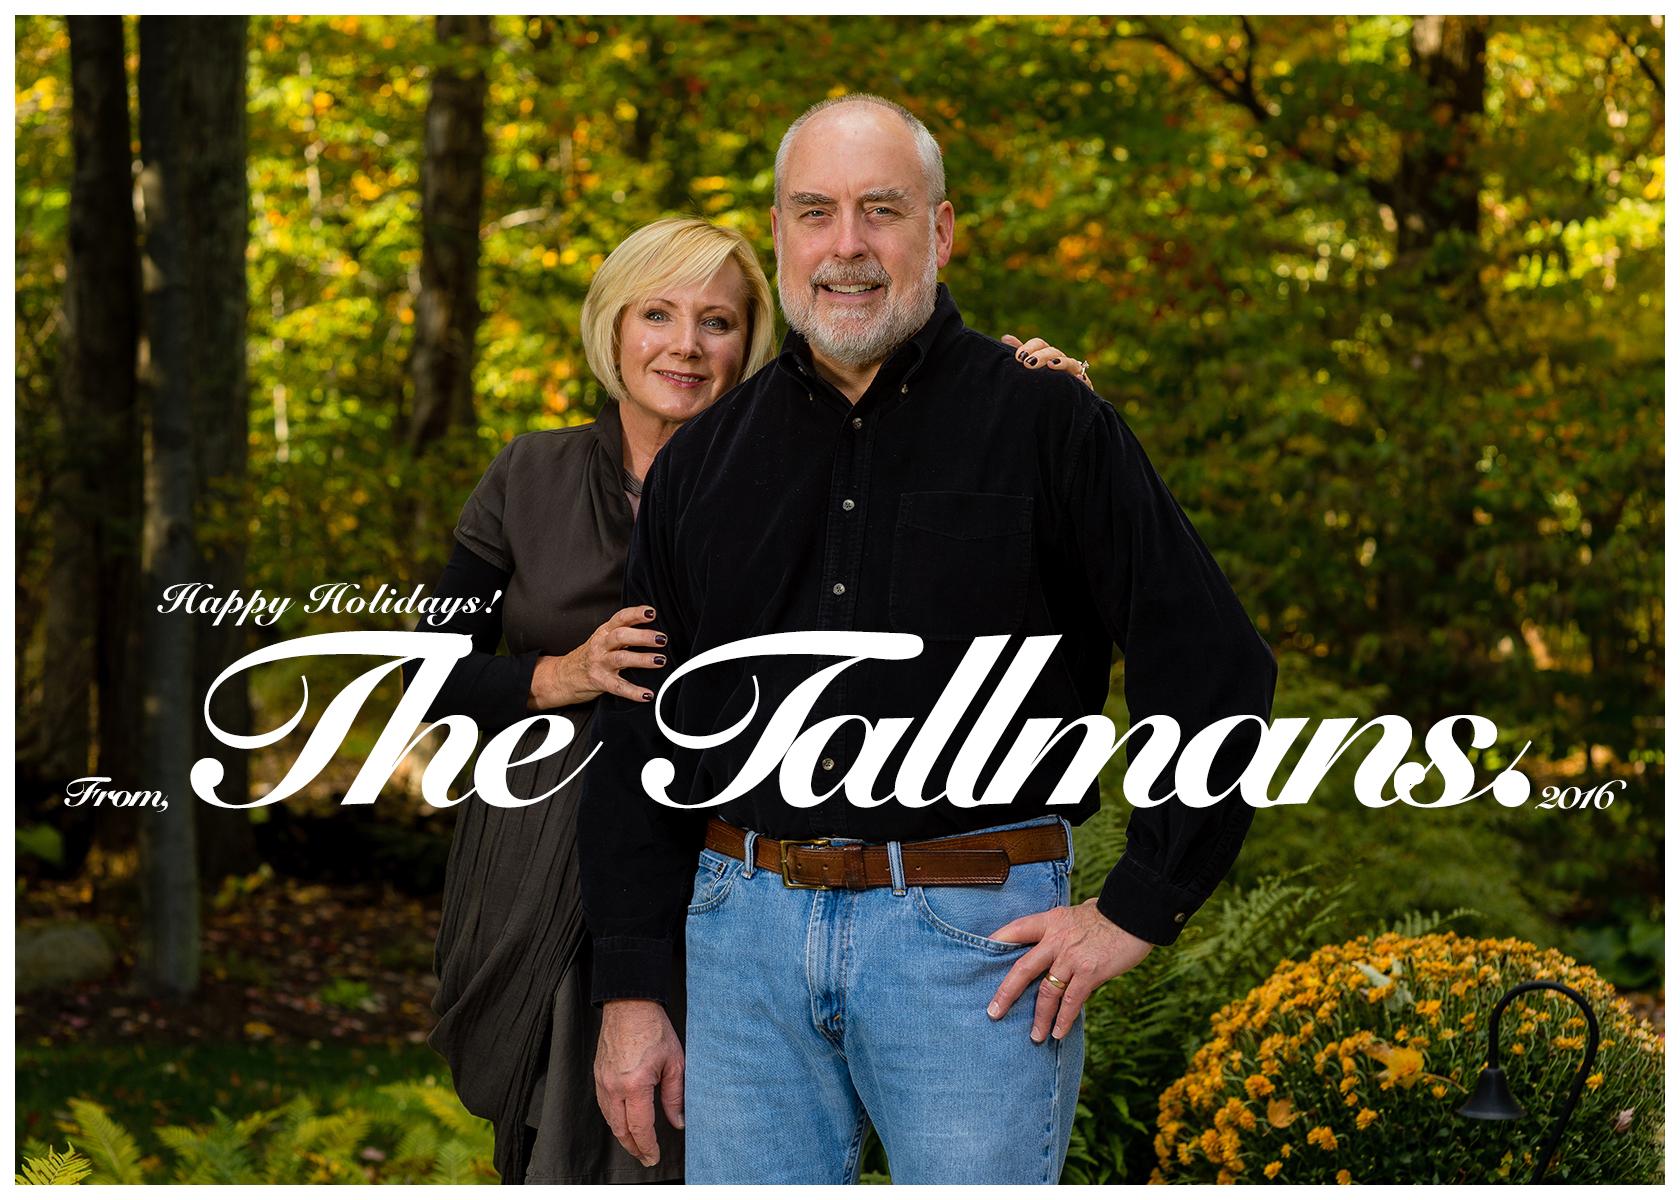 TallmanMasterSpread.jpg